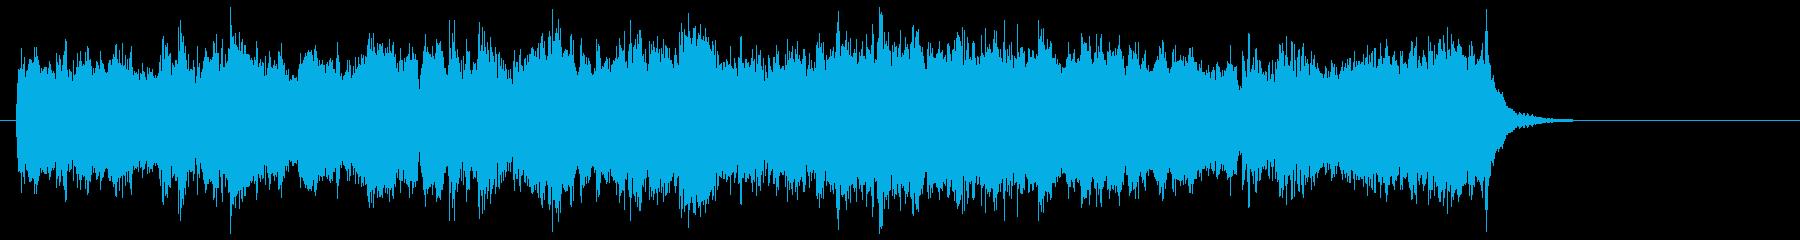 ストリングスの雄大でドラマチックな曲の再生済みの波形